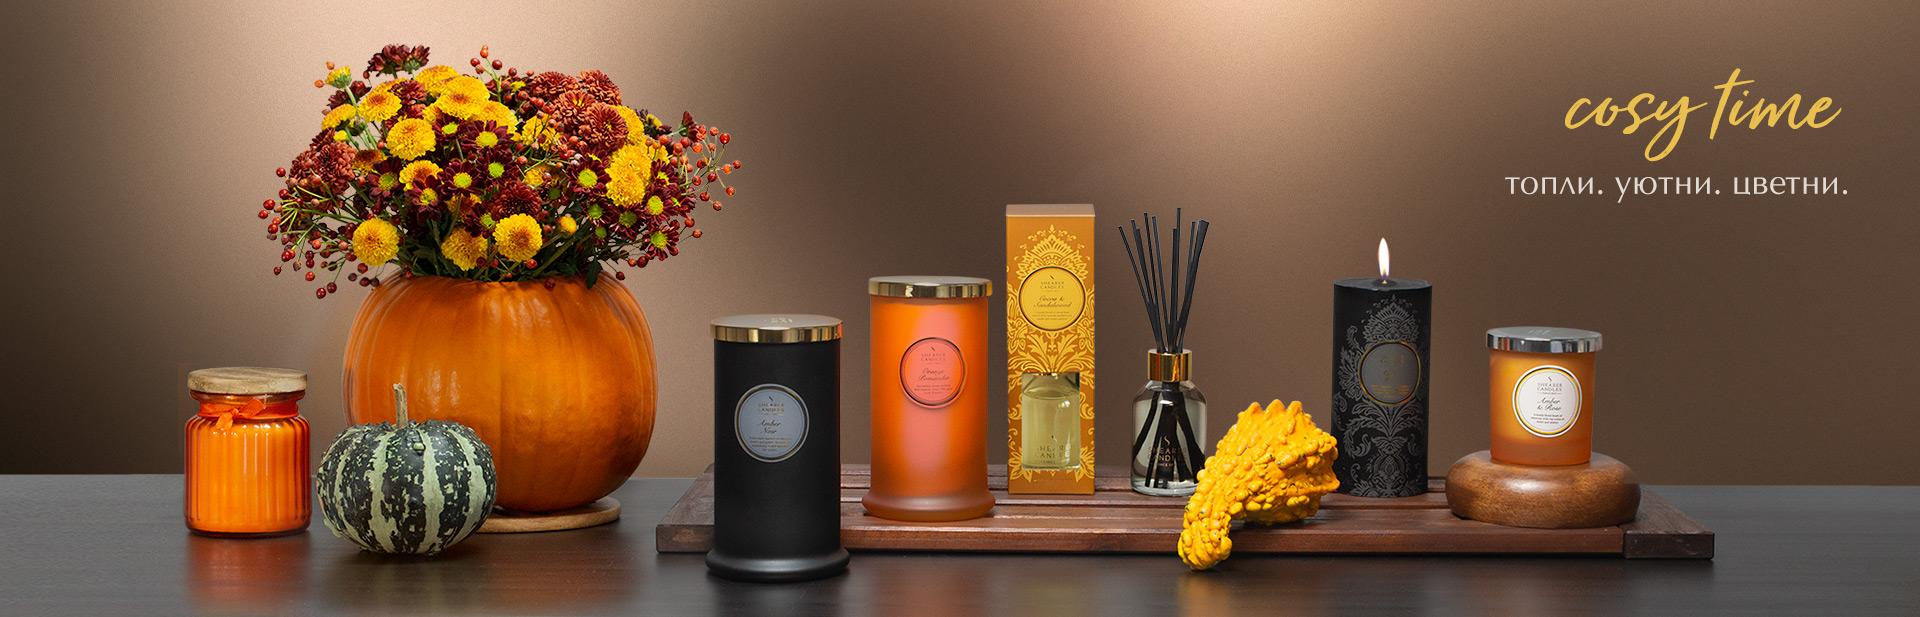 Ароматни свещи и дифузери за подарък и декорация